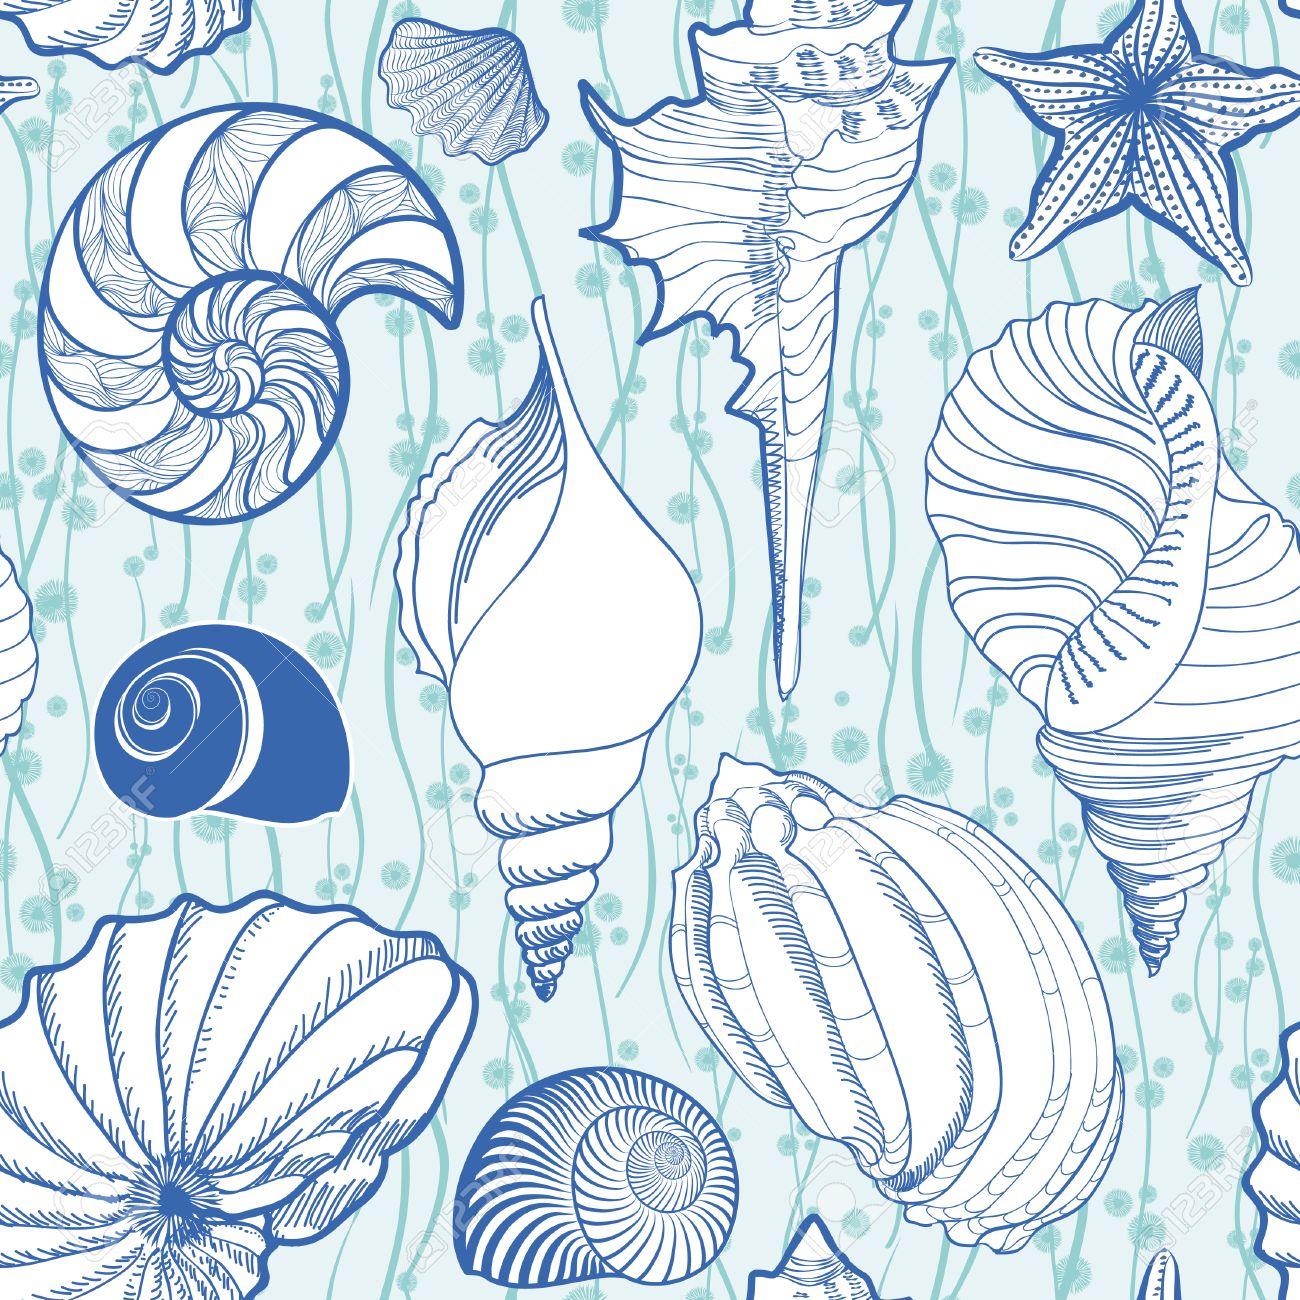 貝殻のシームレスなパターン 夏の休日の海洋背景 水中観賞用テクスチャ 海の貝 海の星砂とスケッチの壁紙です のイラスト素材 ベクタ Image 5967